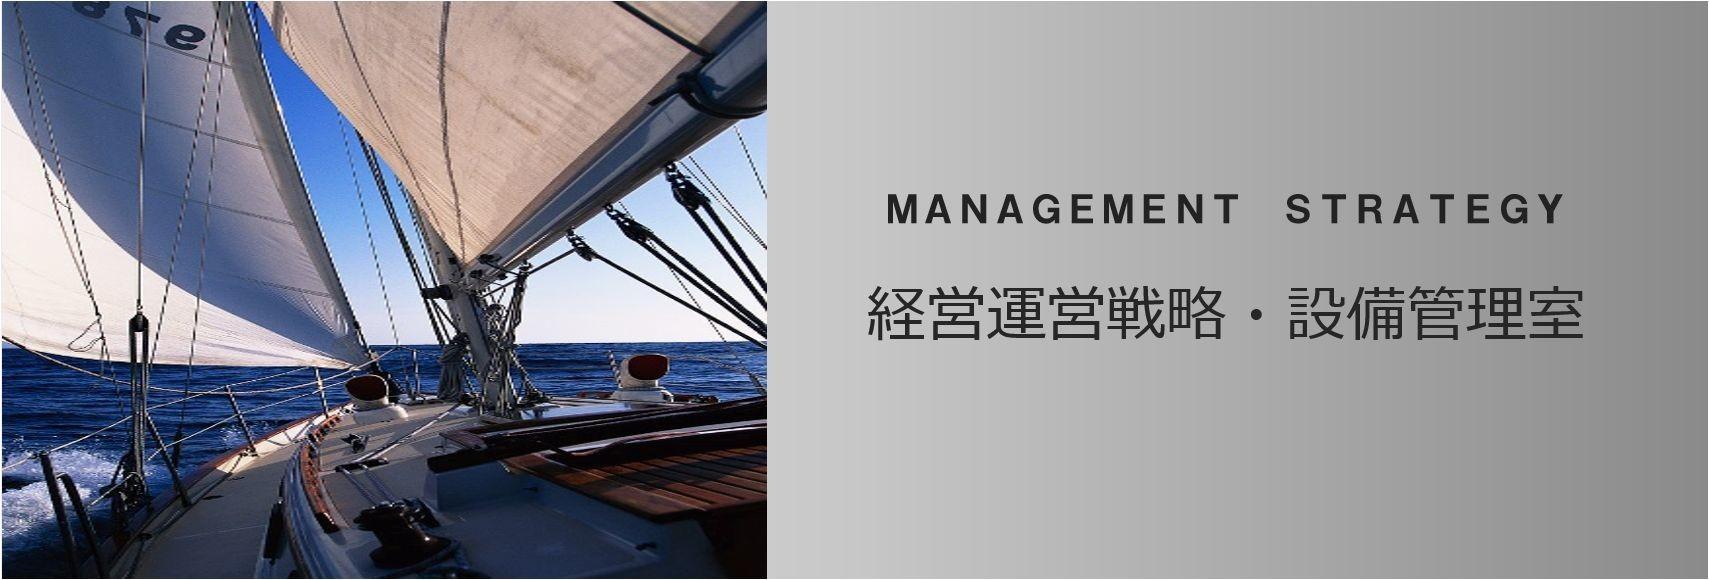 経営運営戦略・設備管理室